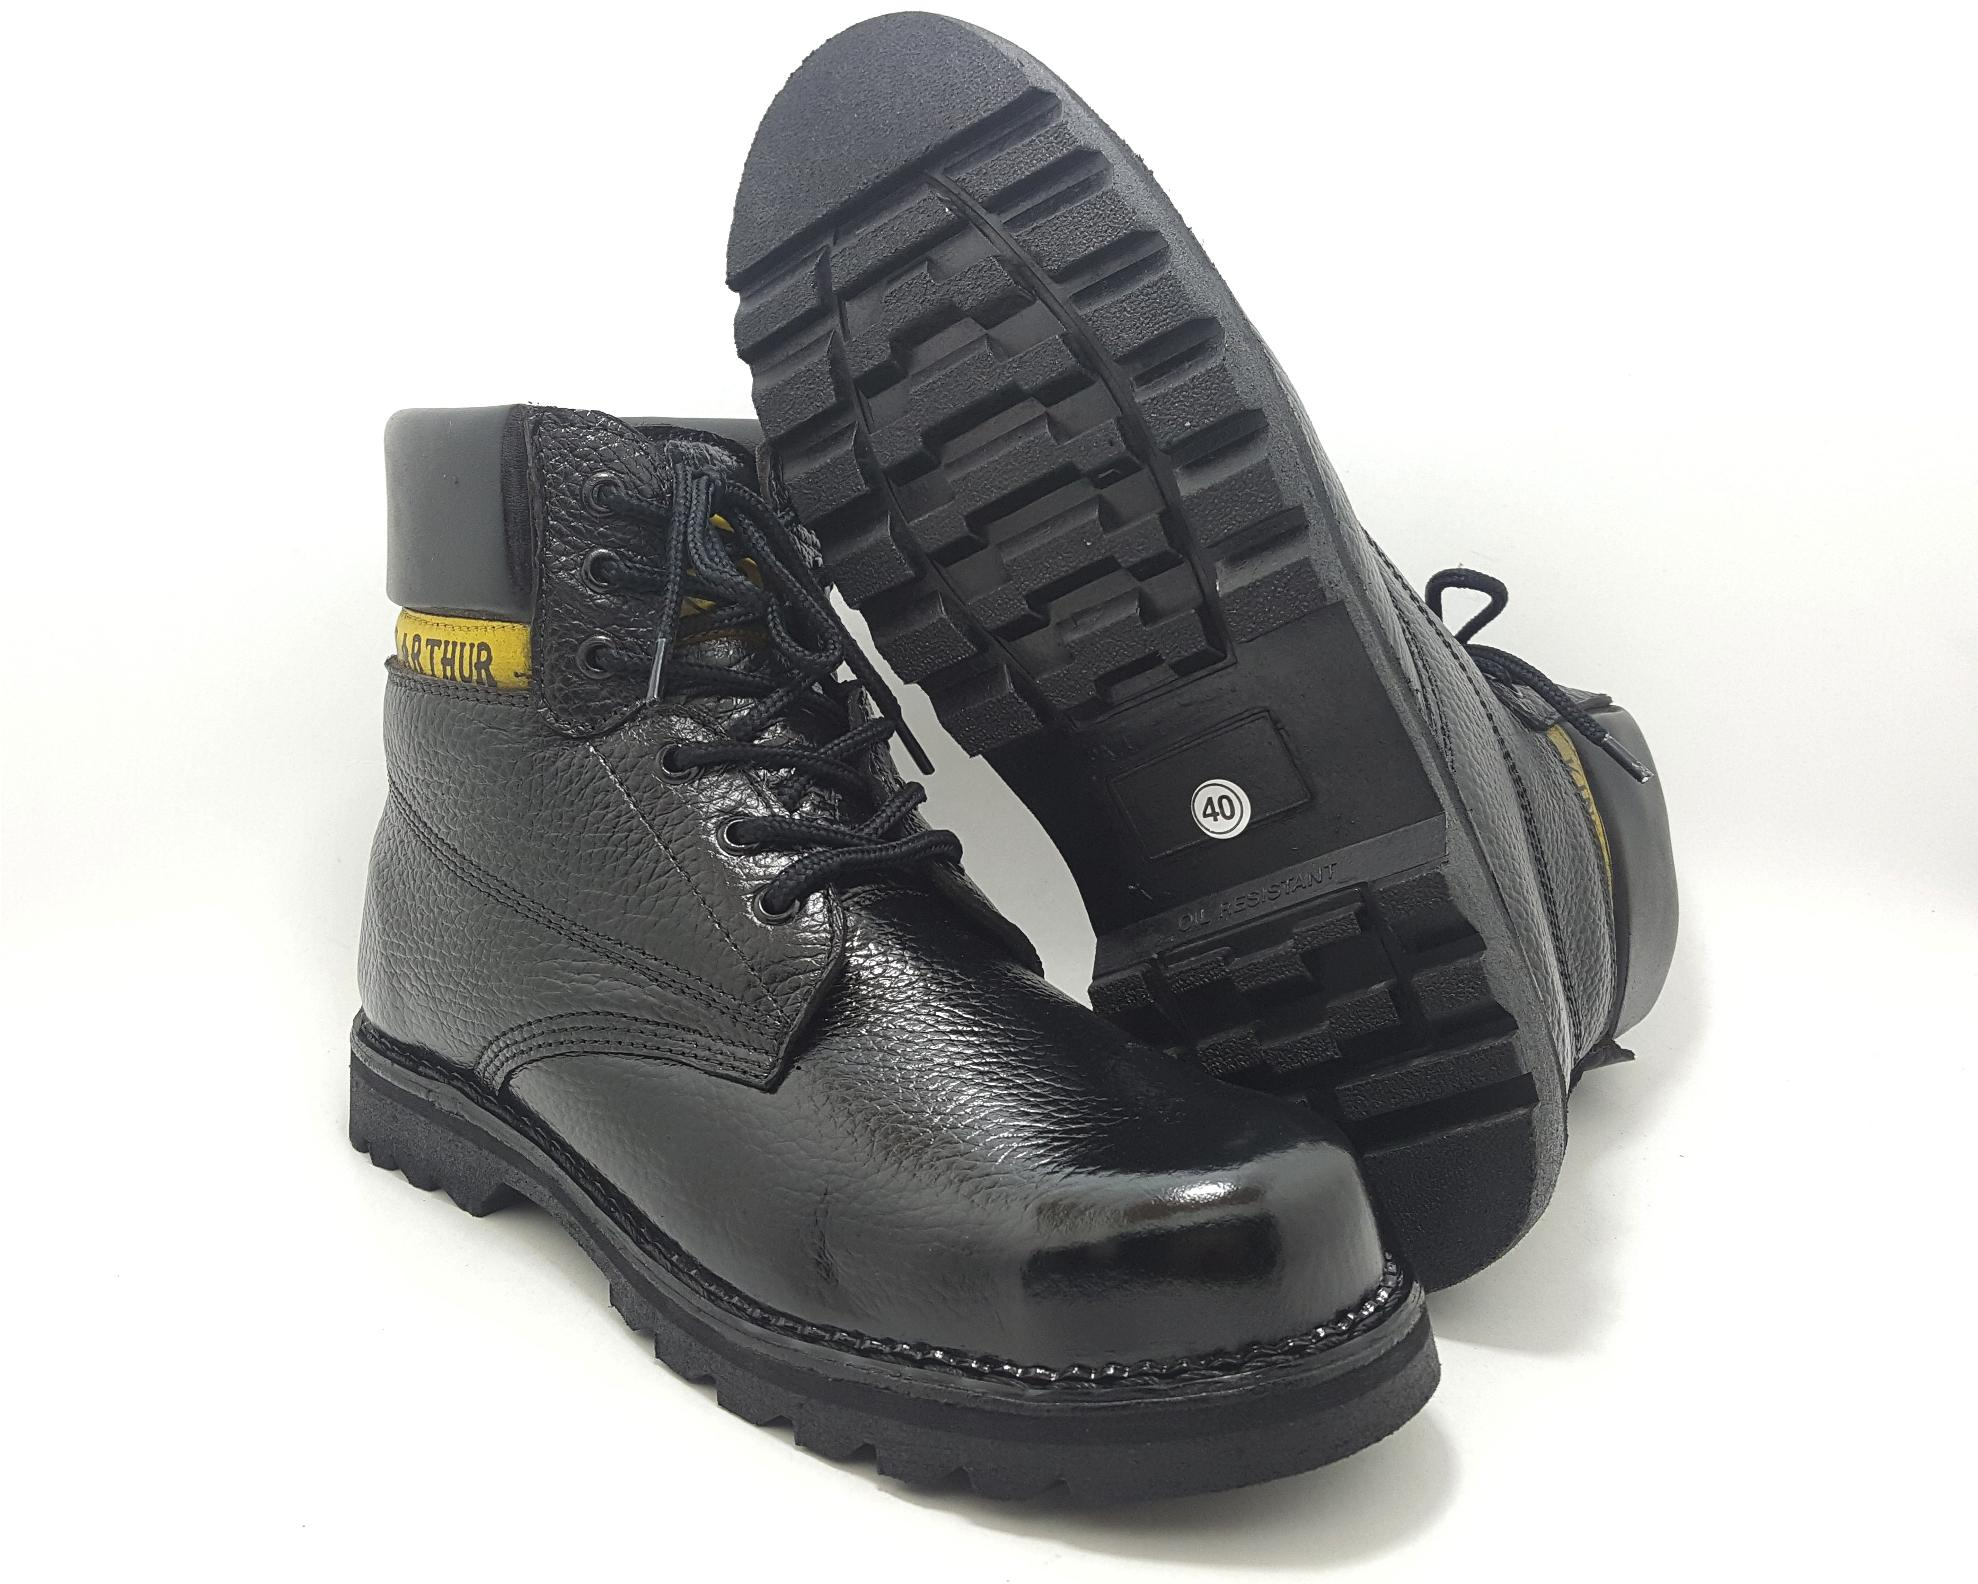 Kelebihan Asli Cat Kulit Pewarna Import Vageks Terkini Daftar Mangkok Sepatu Boots King Arthur